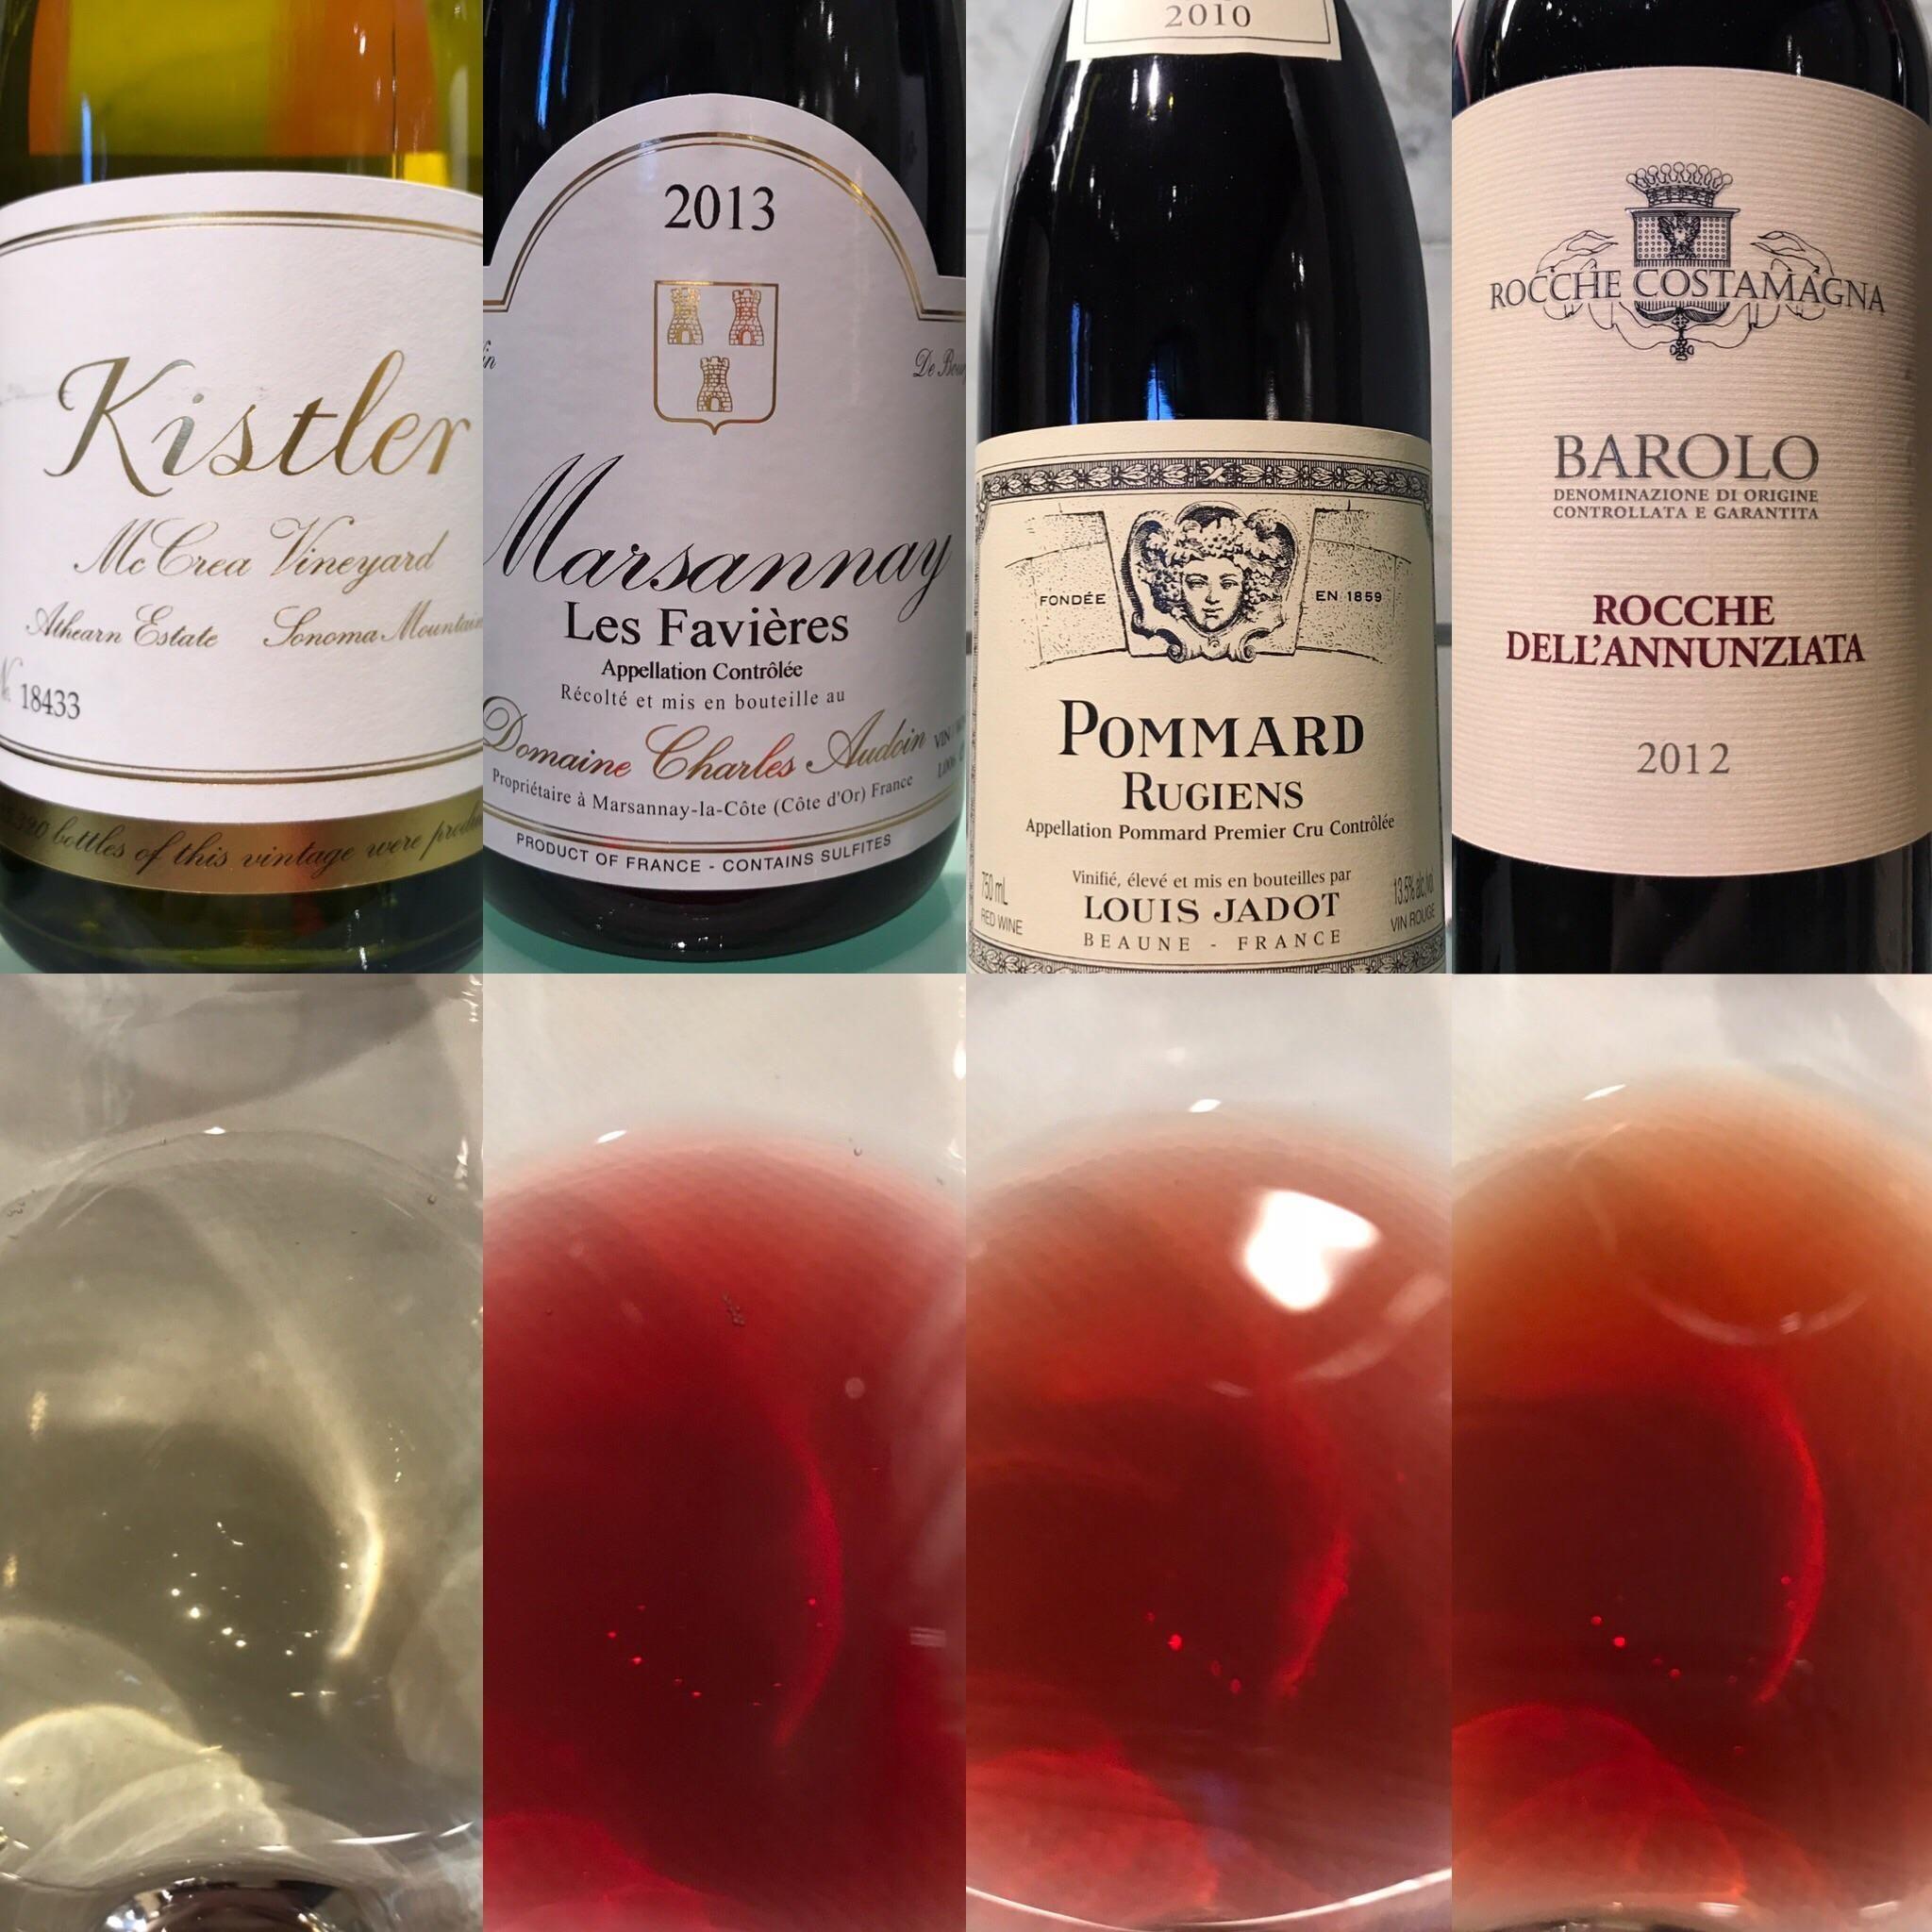 Kistler Mccrea Vineyard Chardonnay 2014 Domaine Charles Audoin Les Favieres Marsannay 2013 Louis Jadot Pommard Rugiens 1er Cr Rose Wine Bottle Wine Wine Bottle